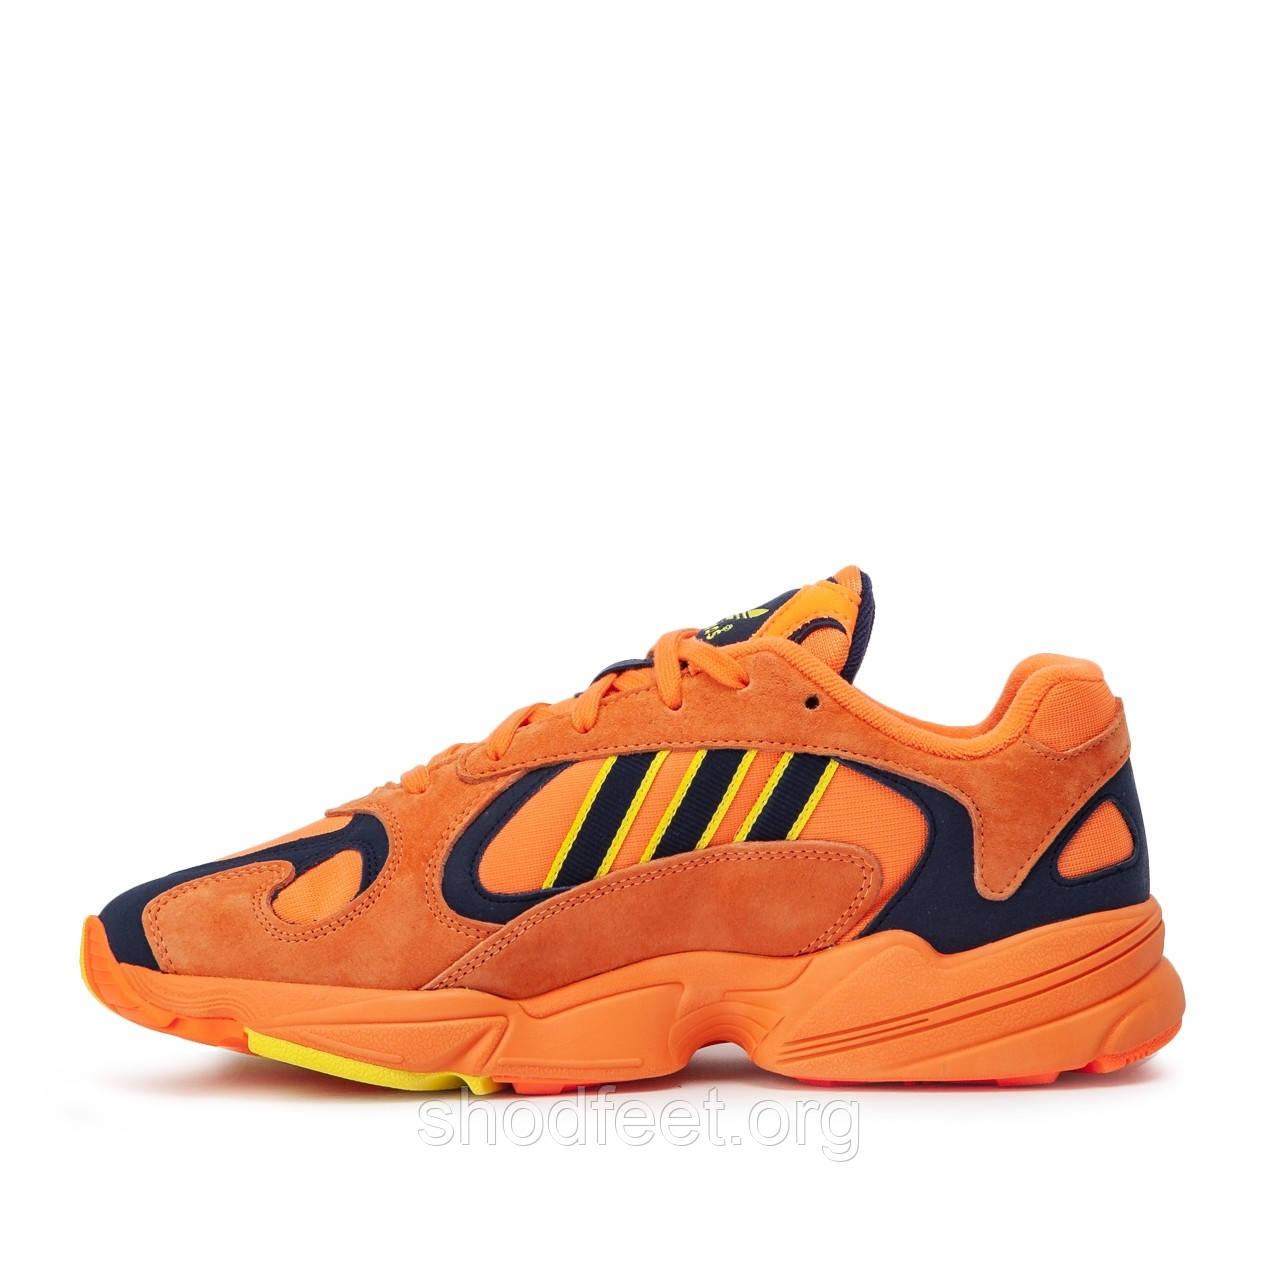 Мужские кроссовки Adidas YUNG-1 Orange